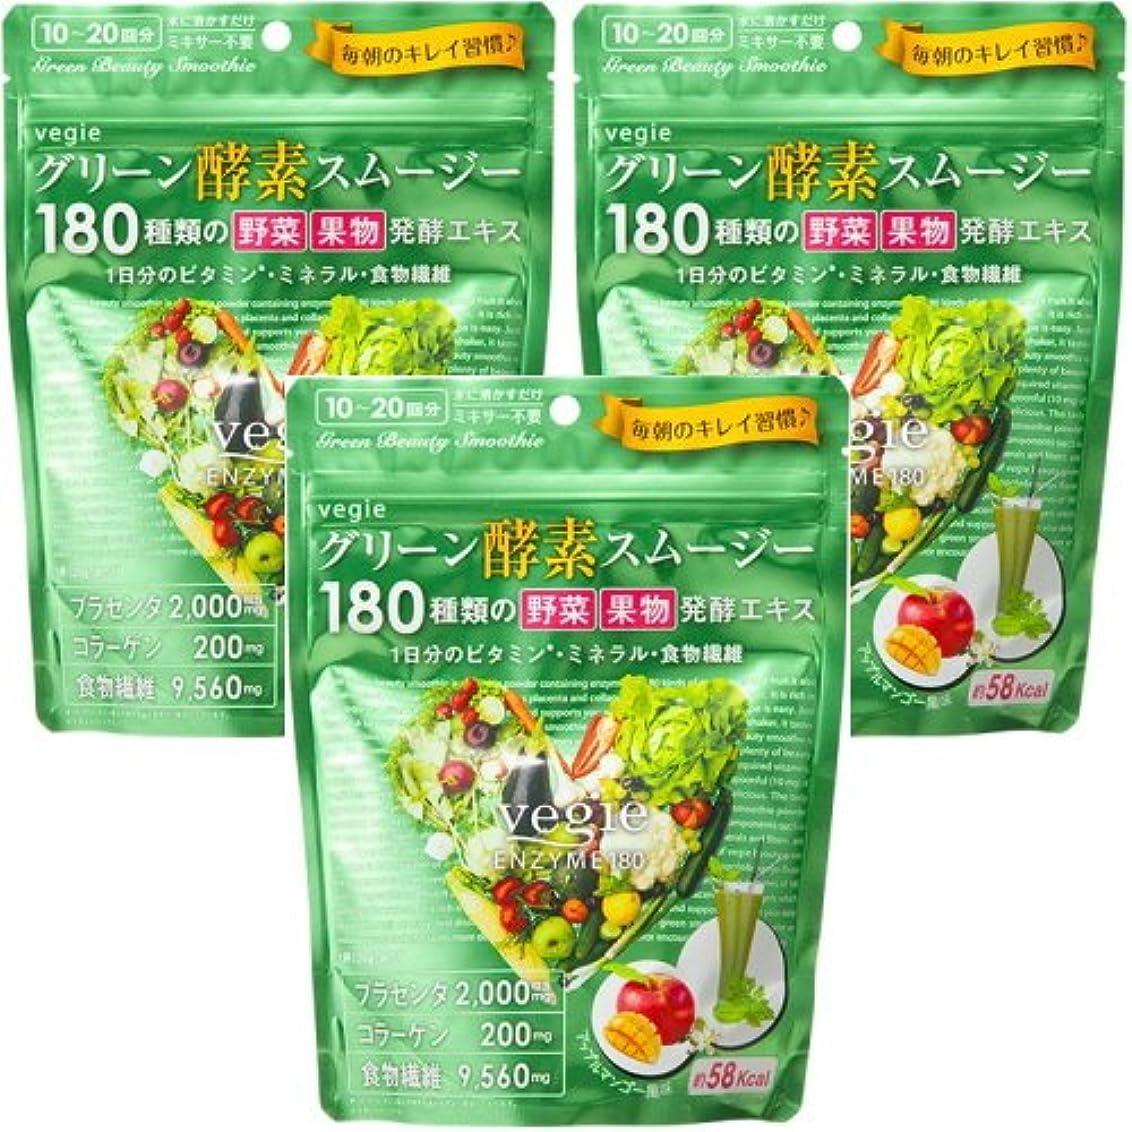 取るオリエント士気ベジエ グリーン 酵素スムージー 200g【お得な3個セット】